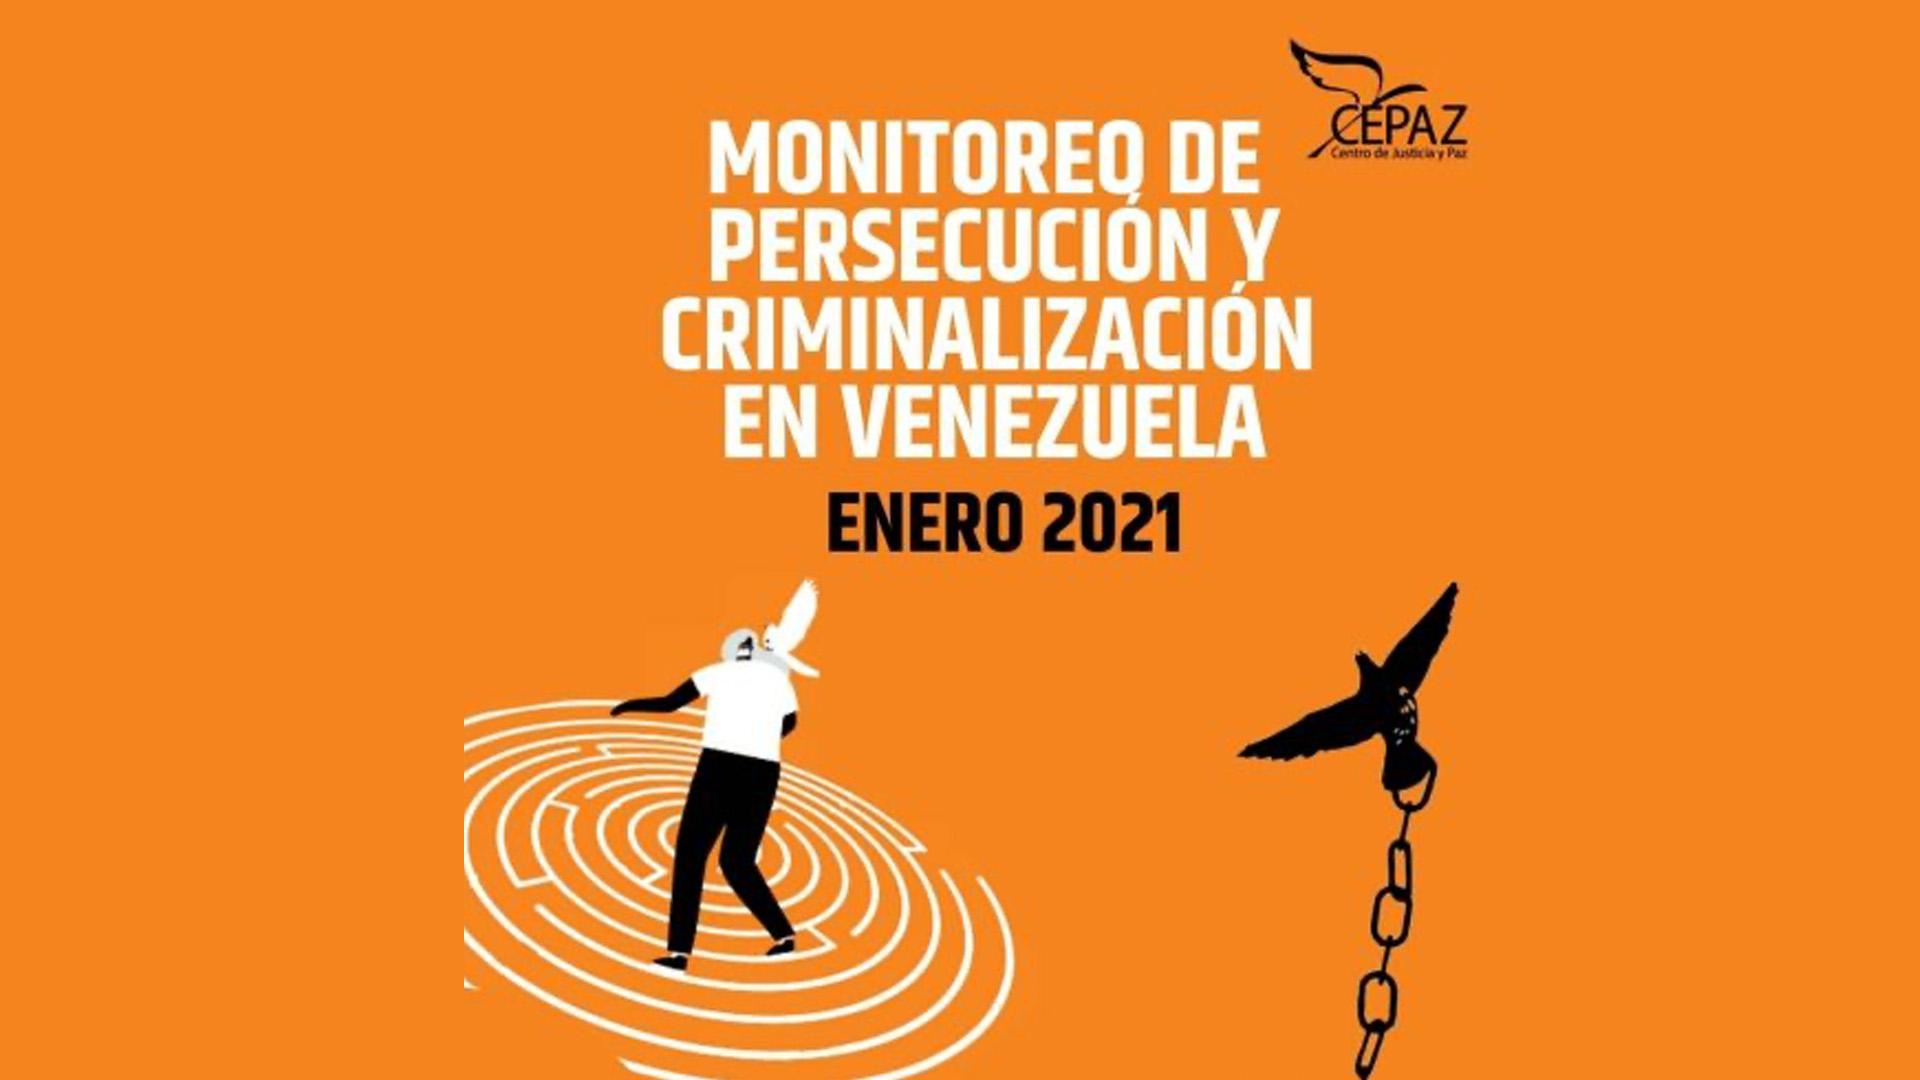 Cepaz: En enero de 2021 hubo 79 actos de persecución contra personas, medios de comunicación y organizaciones